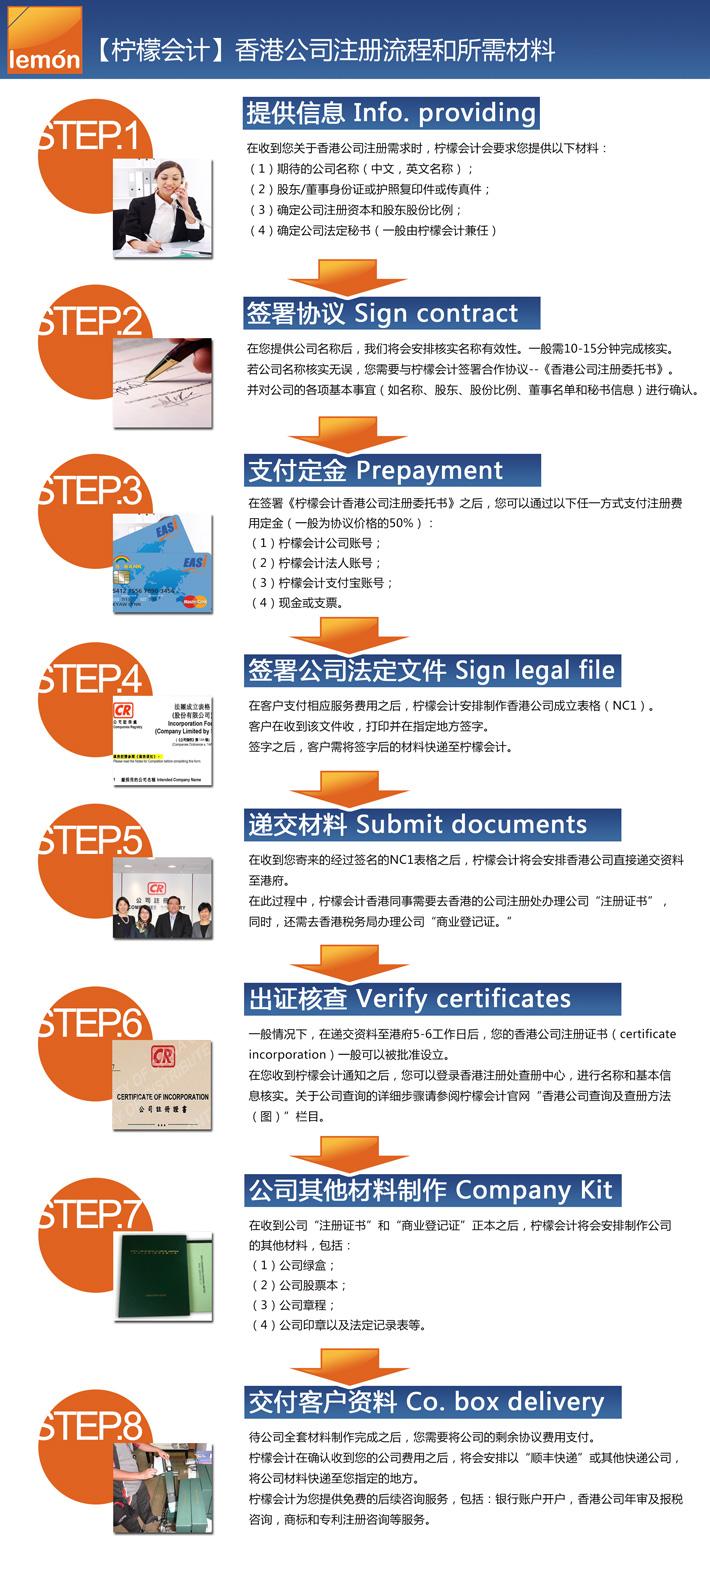 """柠檬会计提醒您:注册香港公司一般需要经过以下步骤:1、资料确认; 2、确定合作:与我司签署办理合同;3、交纳定金:预付办理定金(一般为协议价格的50%);4、签署文件:客户签署香港政府成立文件NC1表格;5、申请注册:由香港同事把公司申请材料递交政府办理;6、出证查核:6-8天可以出具政府颁发的注册证书;7、完成注册:客户领取或收寄公司""""绿盒"""",支付尾款,公司注册过程完成;8、后续服务"""